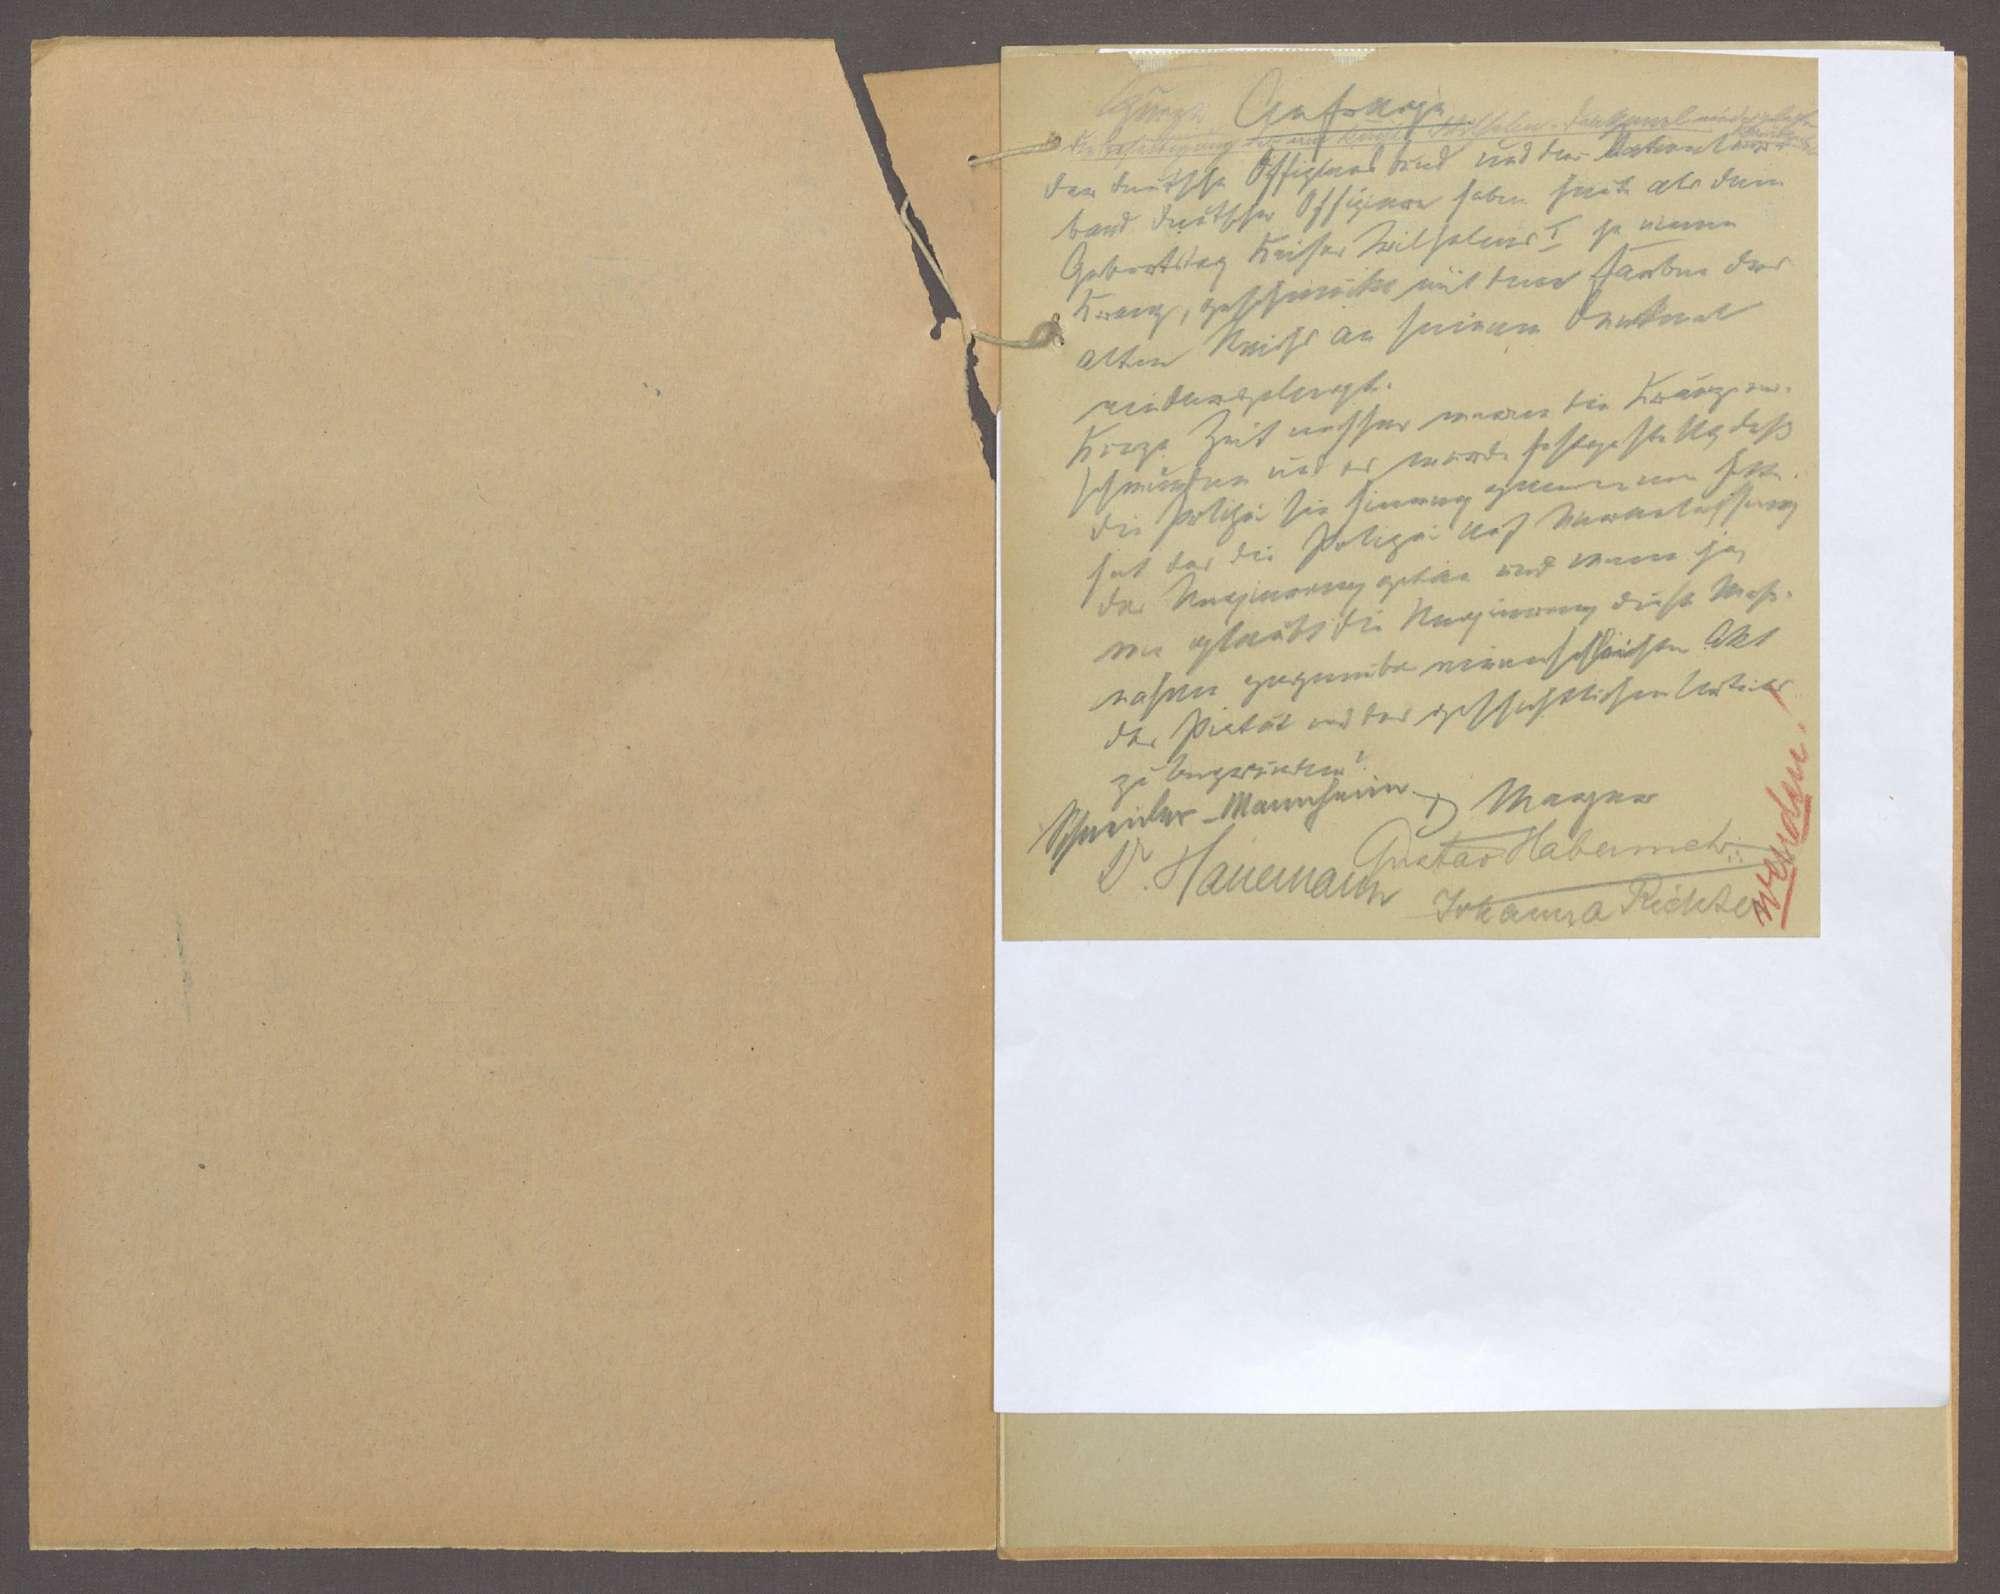 Kurze Anfrage der Abg. D. Mayer (Karlsruhe) u. Gen., die Beseitigung der am Kaiser-Wilhelm-Denkmal niedergelegten Kränze betr., Bild 2